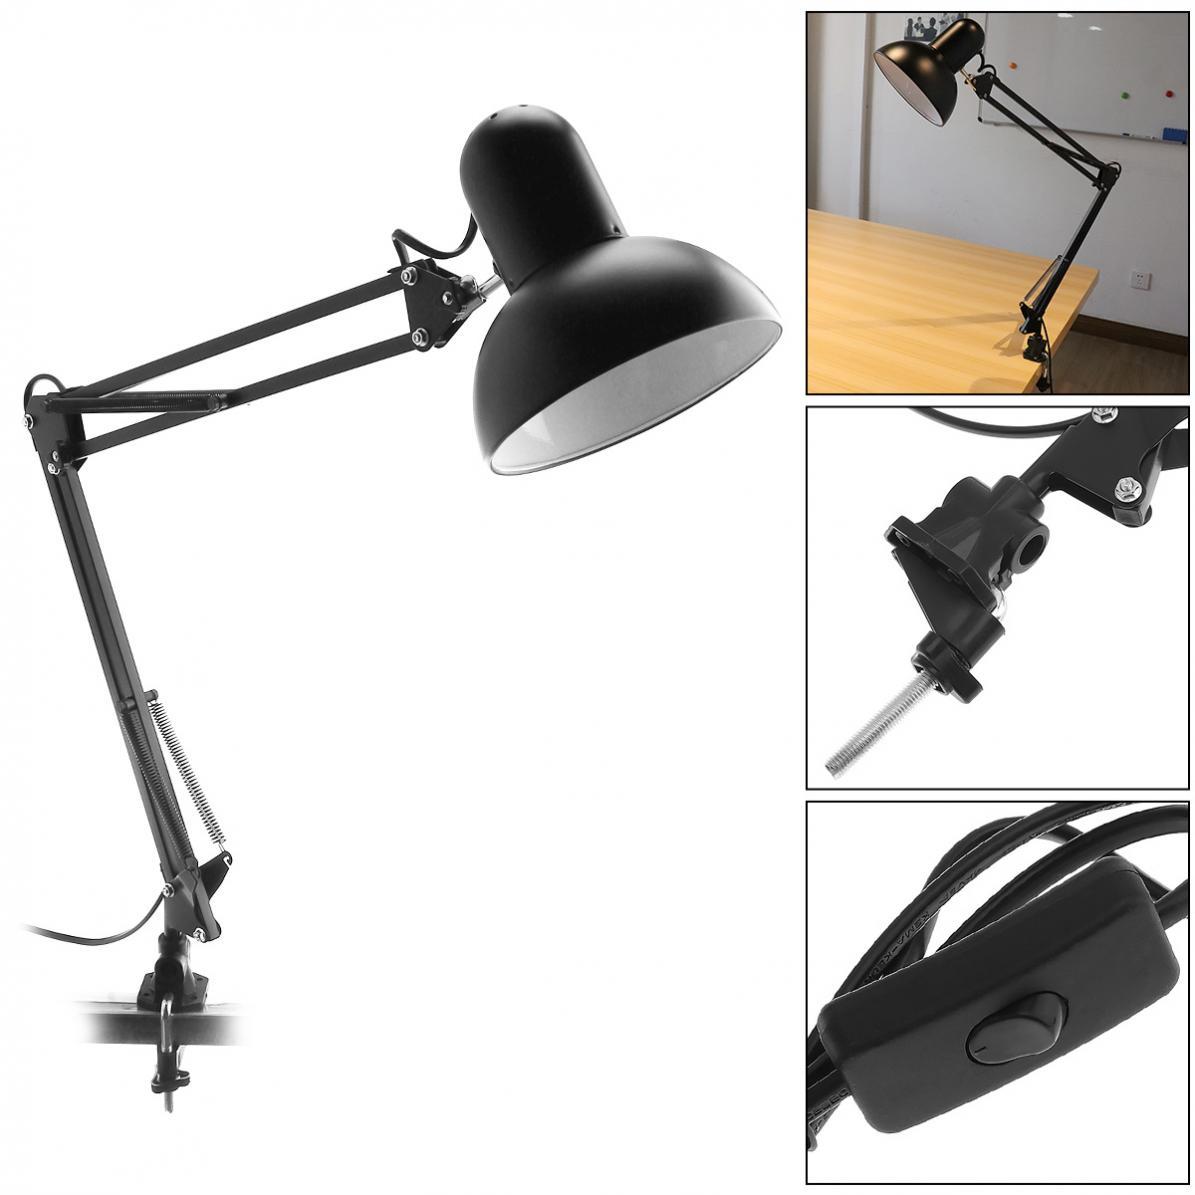 Lampen & Schirme Flexible Schreibtisch Augenschutz Lampe Mit Drehbare Lampe Kopf Und Clamp Montieren Unterstützung 360 Grad Rotation Für Büro/home Neueste Technik